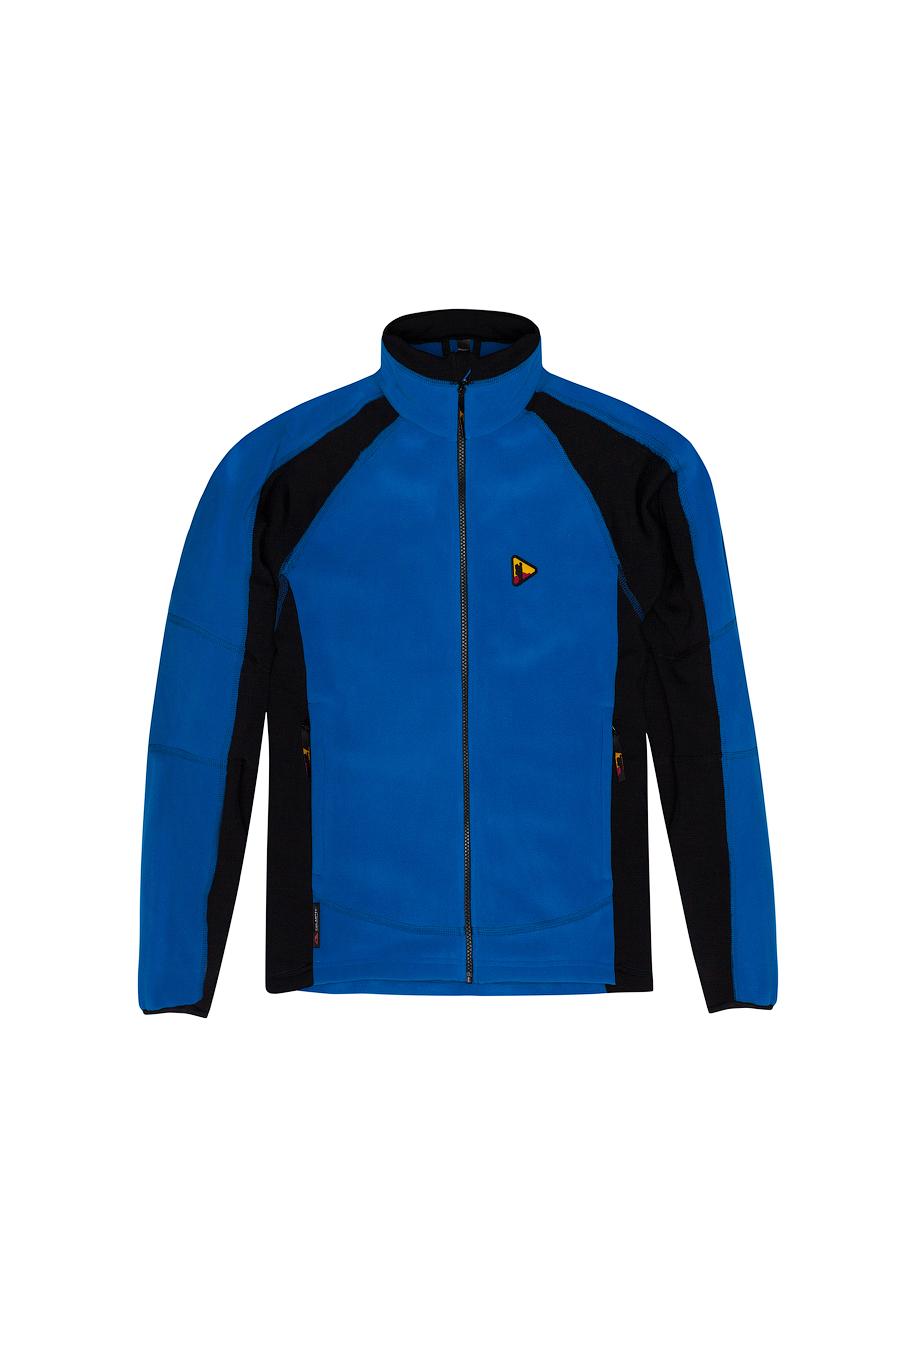 Куртка BASK FORWARD 4107Тёплая  мужская  куртка из ткани Polartec® Thermal Pro®.<br><br>Боковые карманы: 2<br>Вес граммы: 540<br>Ветрозащитная планка: Да<br>Внутренние карманы: 1<br>Материал: Polartec® Thermal Pro® плюс Polartec® Power Stretch®<br>Материал усиления: нет<br>Пол: Муж.<br>Регулировка вентиляции: Нет<br>Регулировка низа: Да<br>Регулируемые вентиляционные отверстия: Нет<br>Тип молнии: однозамковая<br>Усиление контактных зон: Нет<br>Размер INT: M<br>Цвет: СИНИЙ